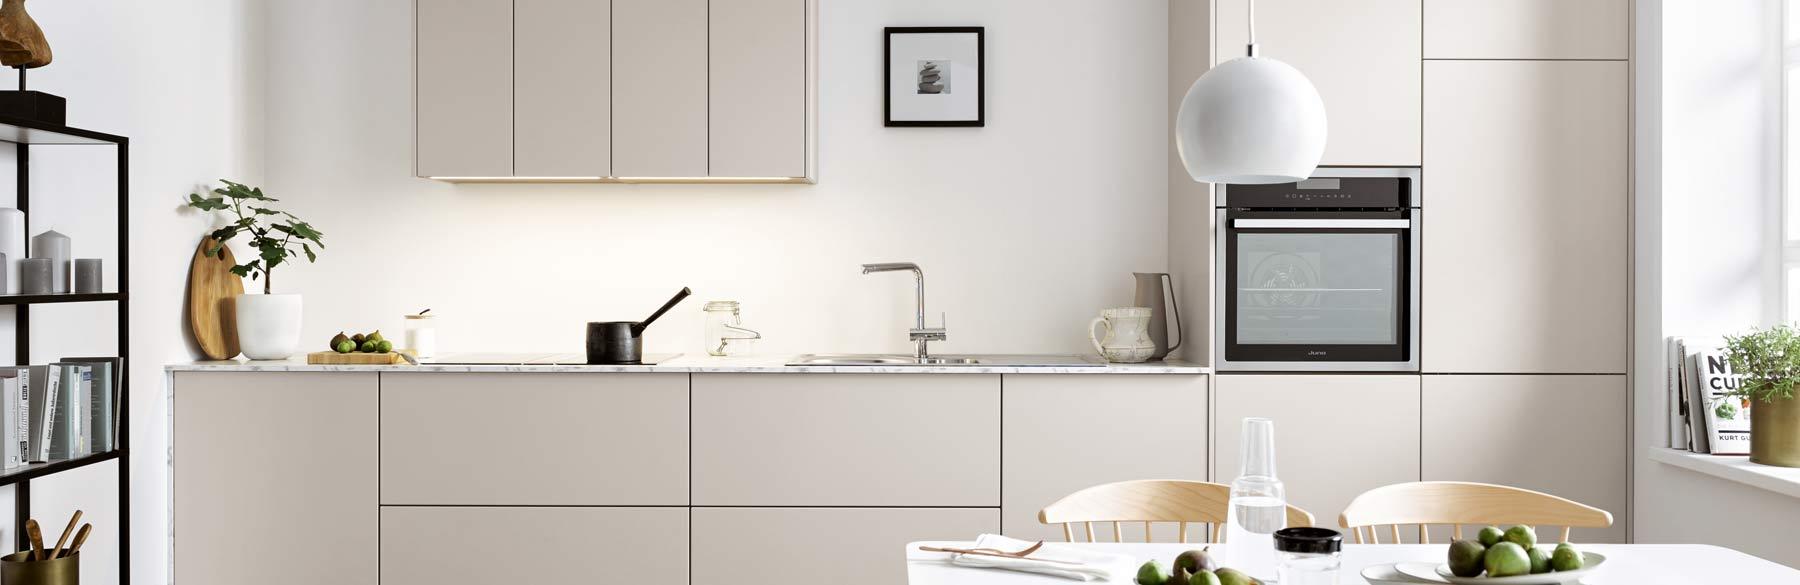 Küchen Warendorf Next125 Einbaugeräte mit großer Ausstellung ...